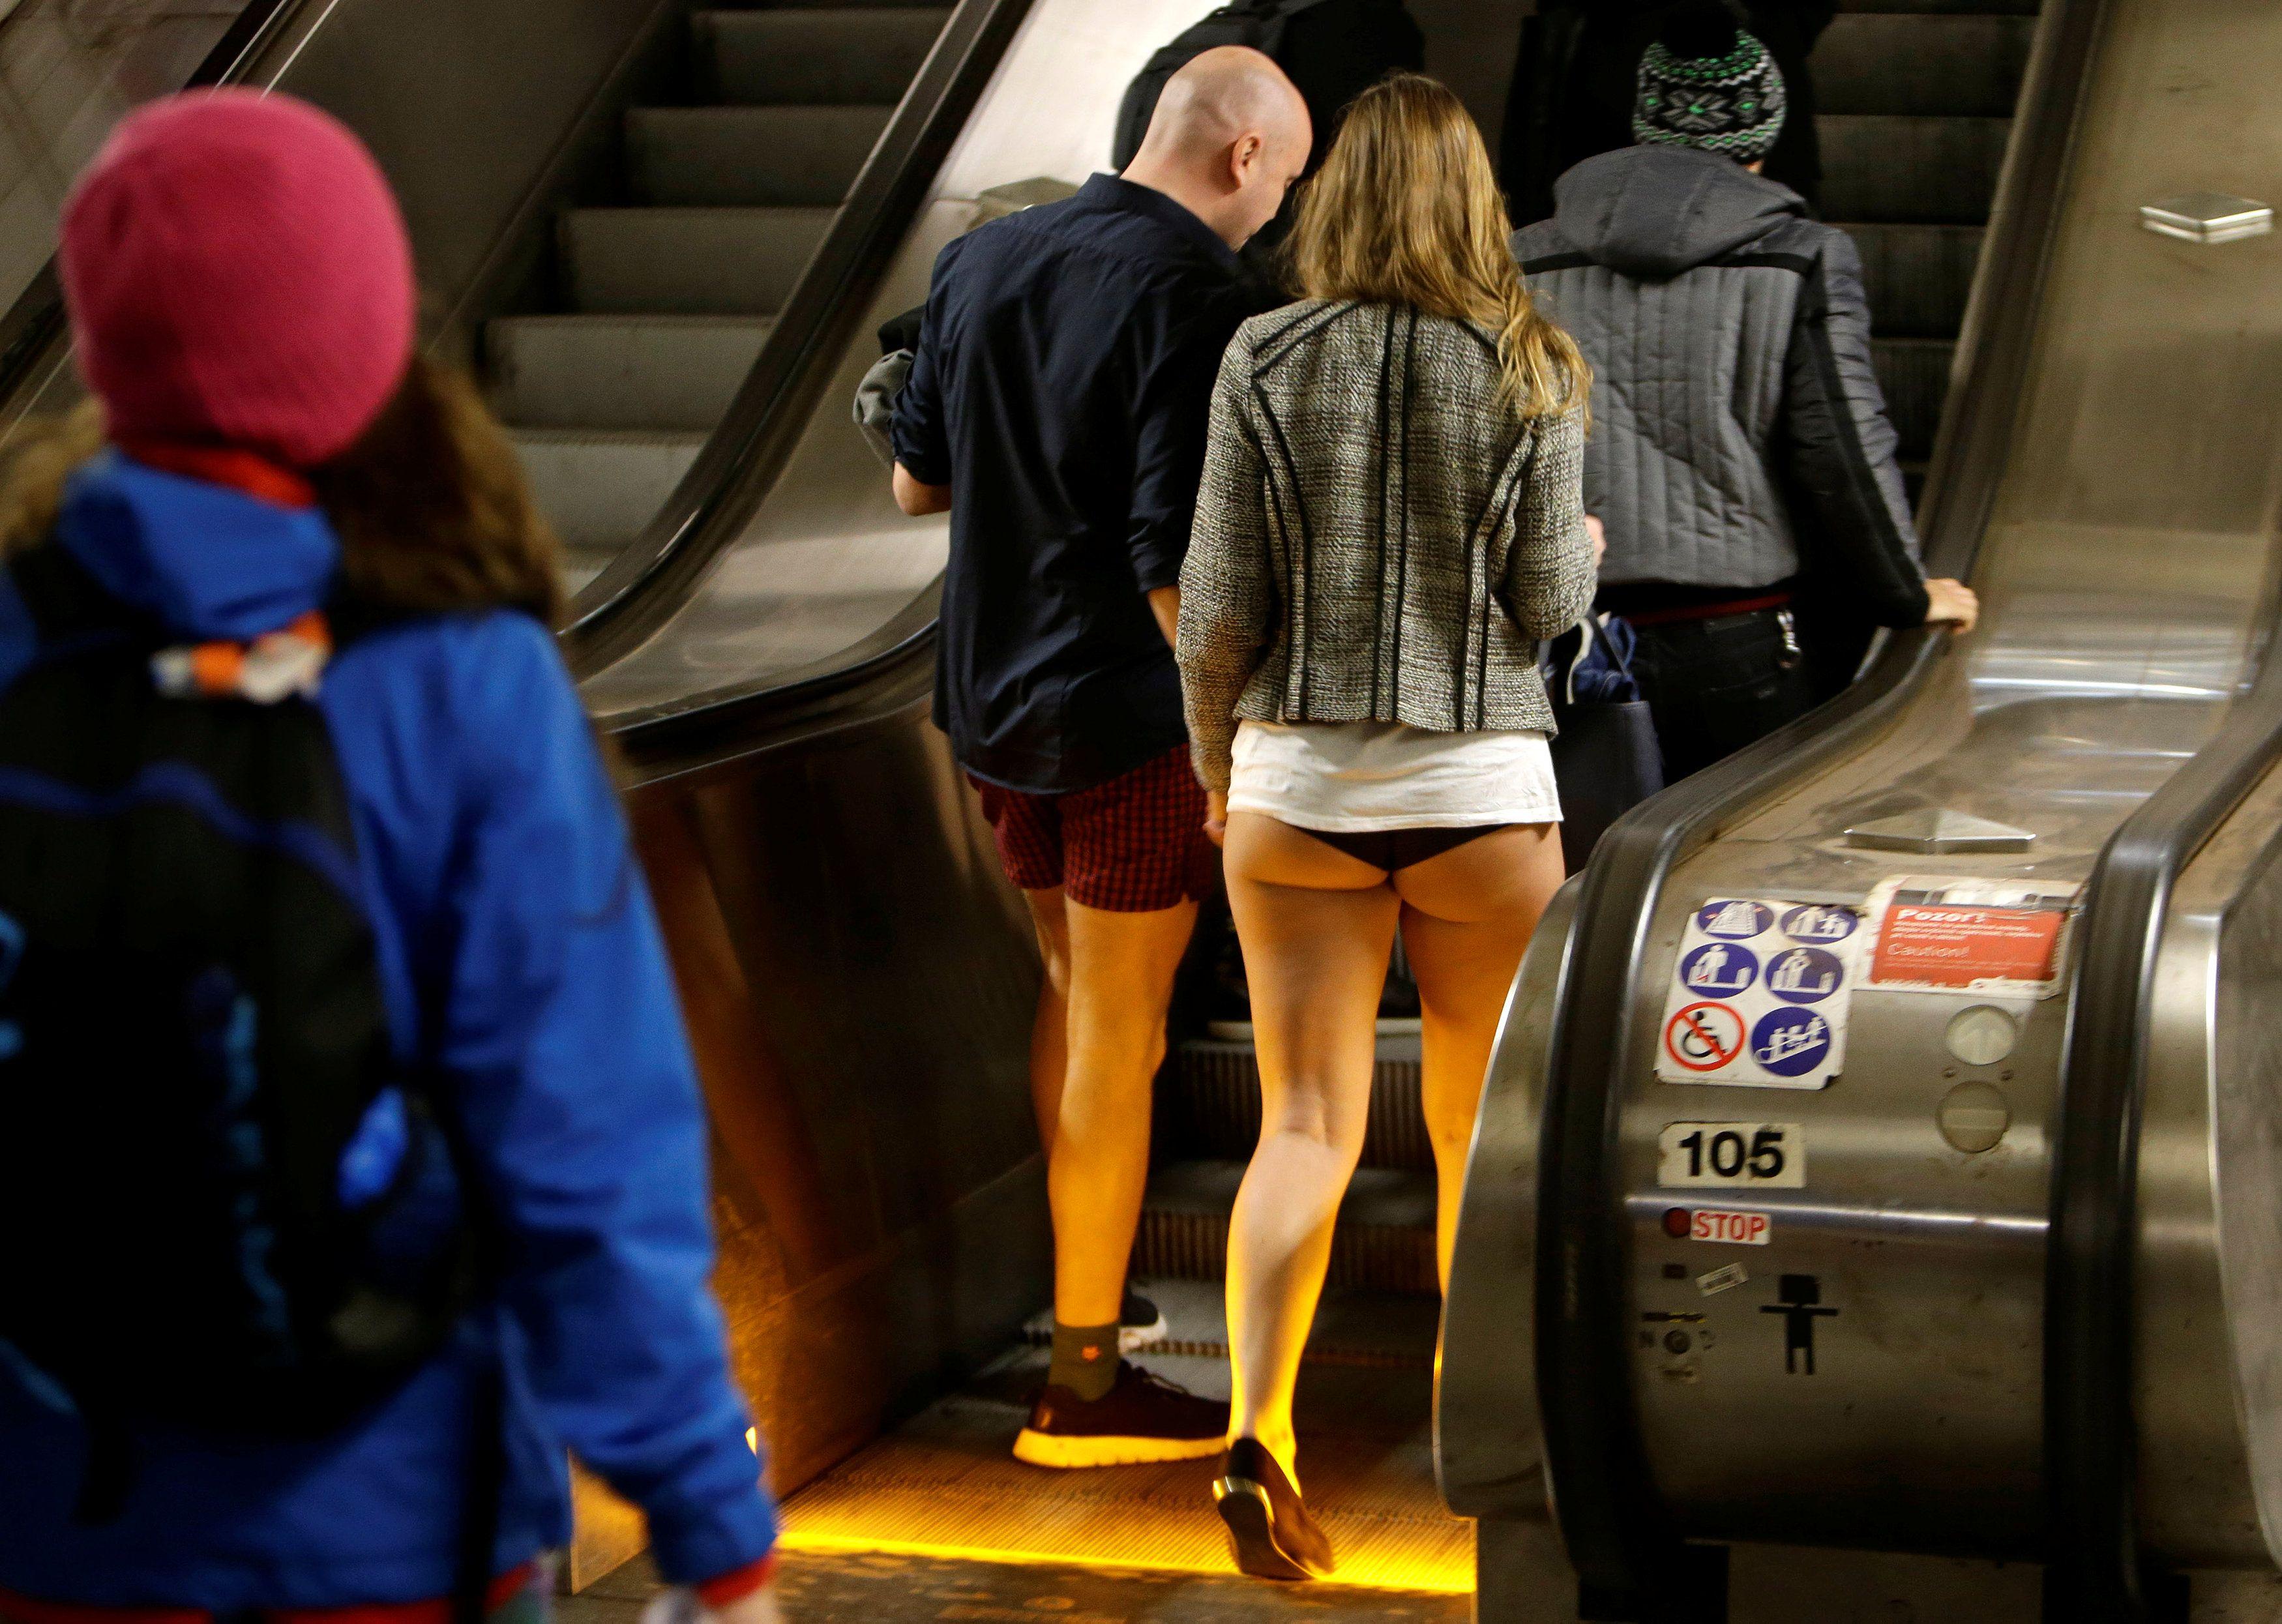 Интим фото в общественных местах, смотреть итальянский порно фильм паприка в онлайн видео